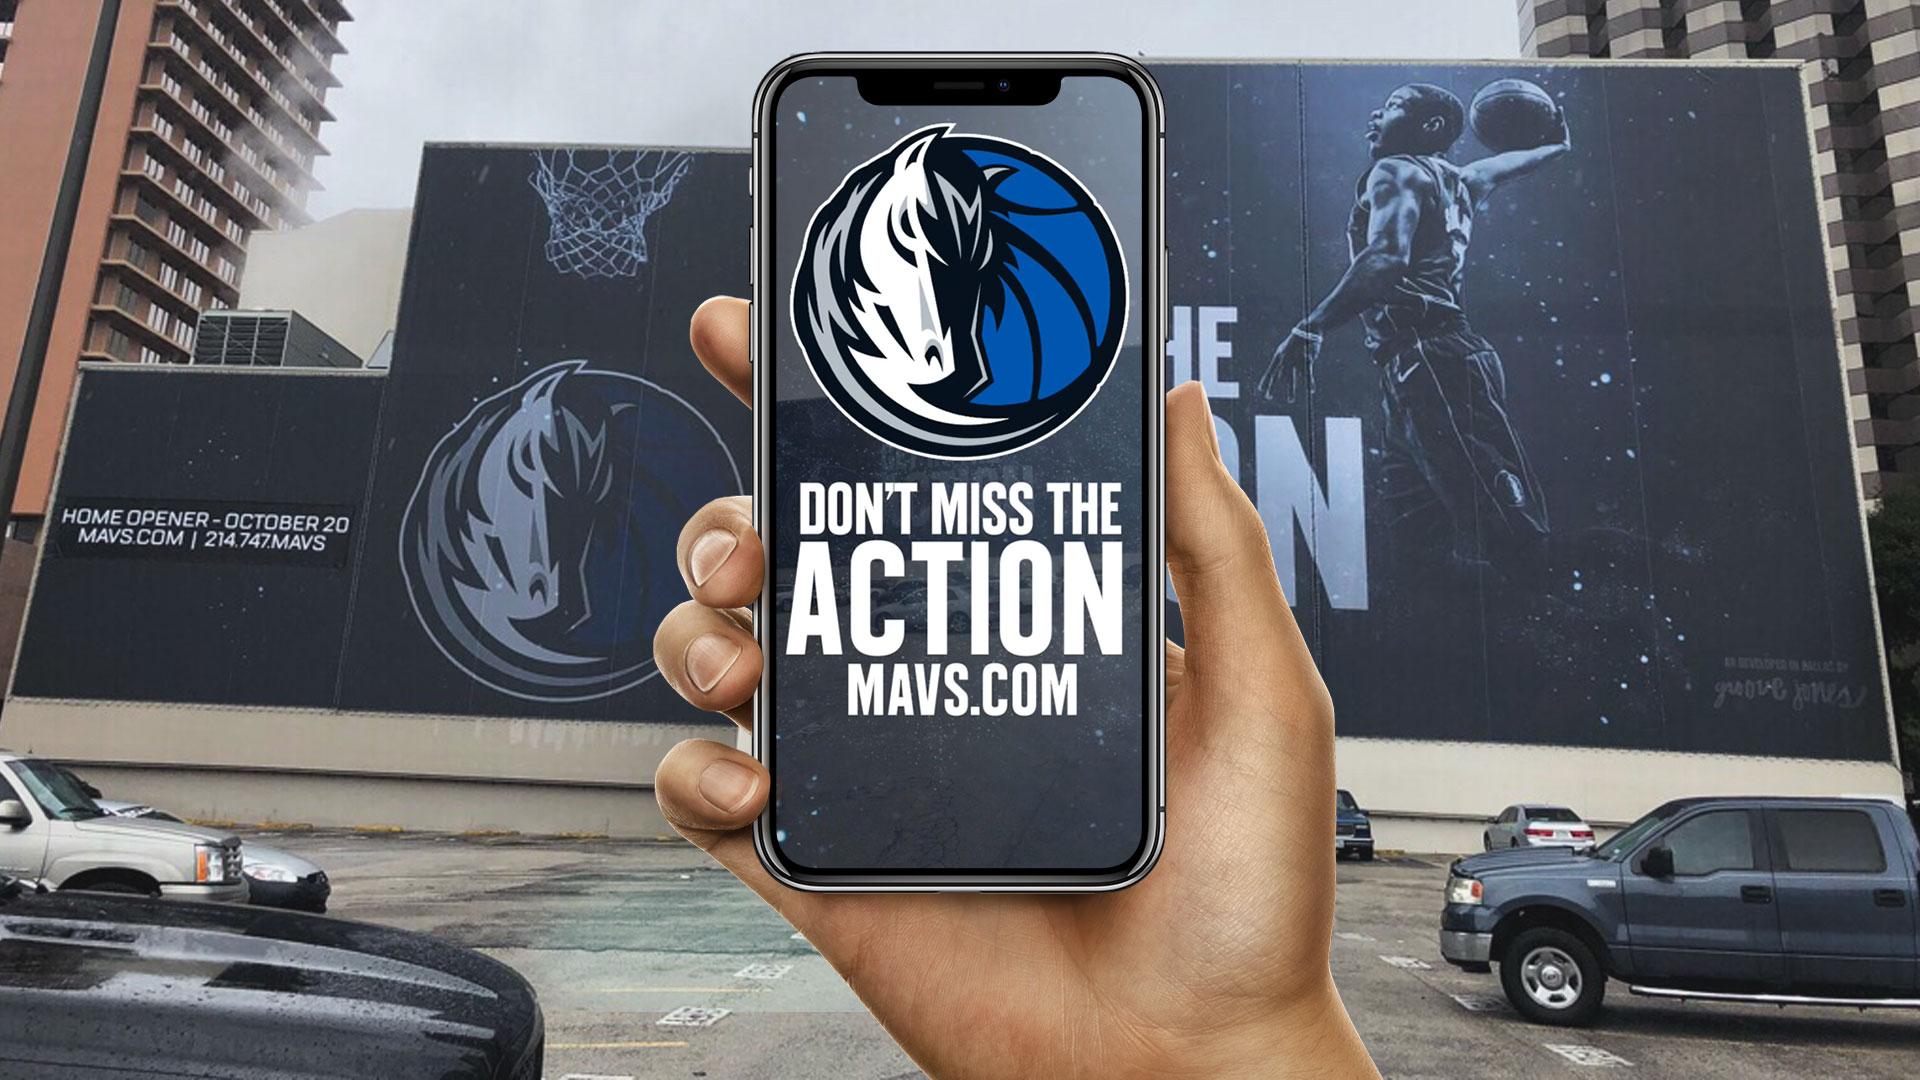 Dallas Mavs Facebook AR Filter